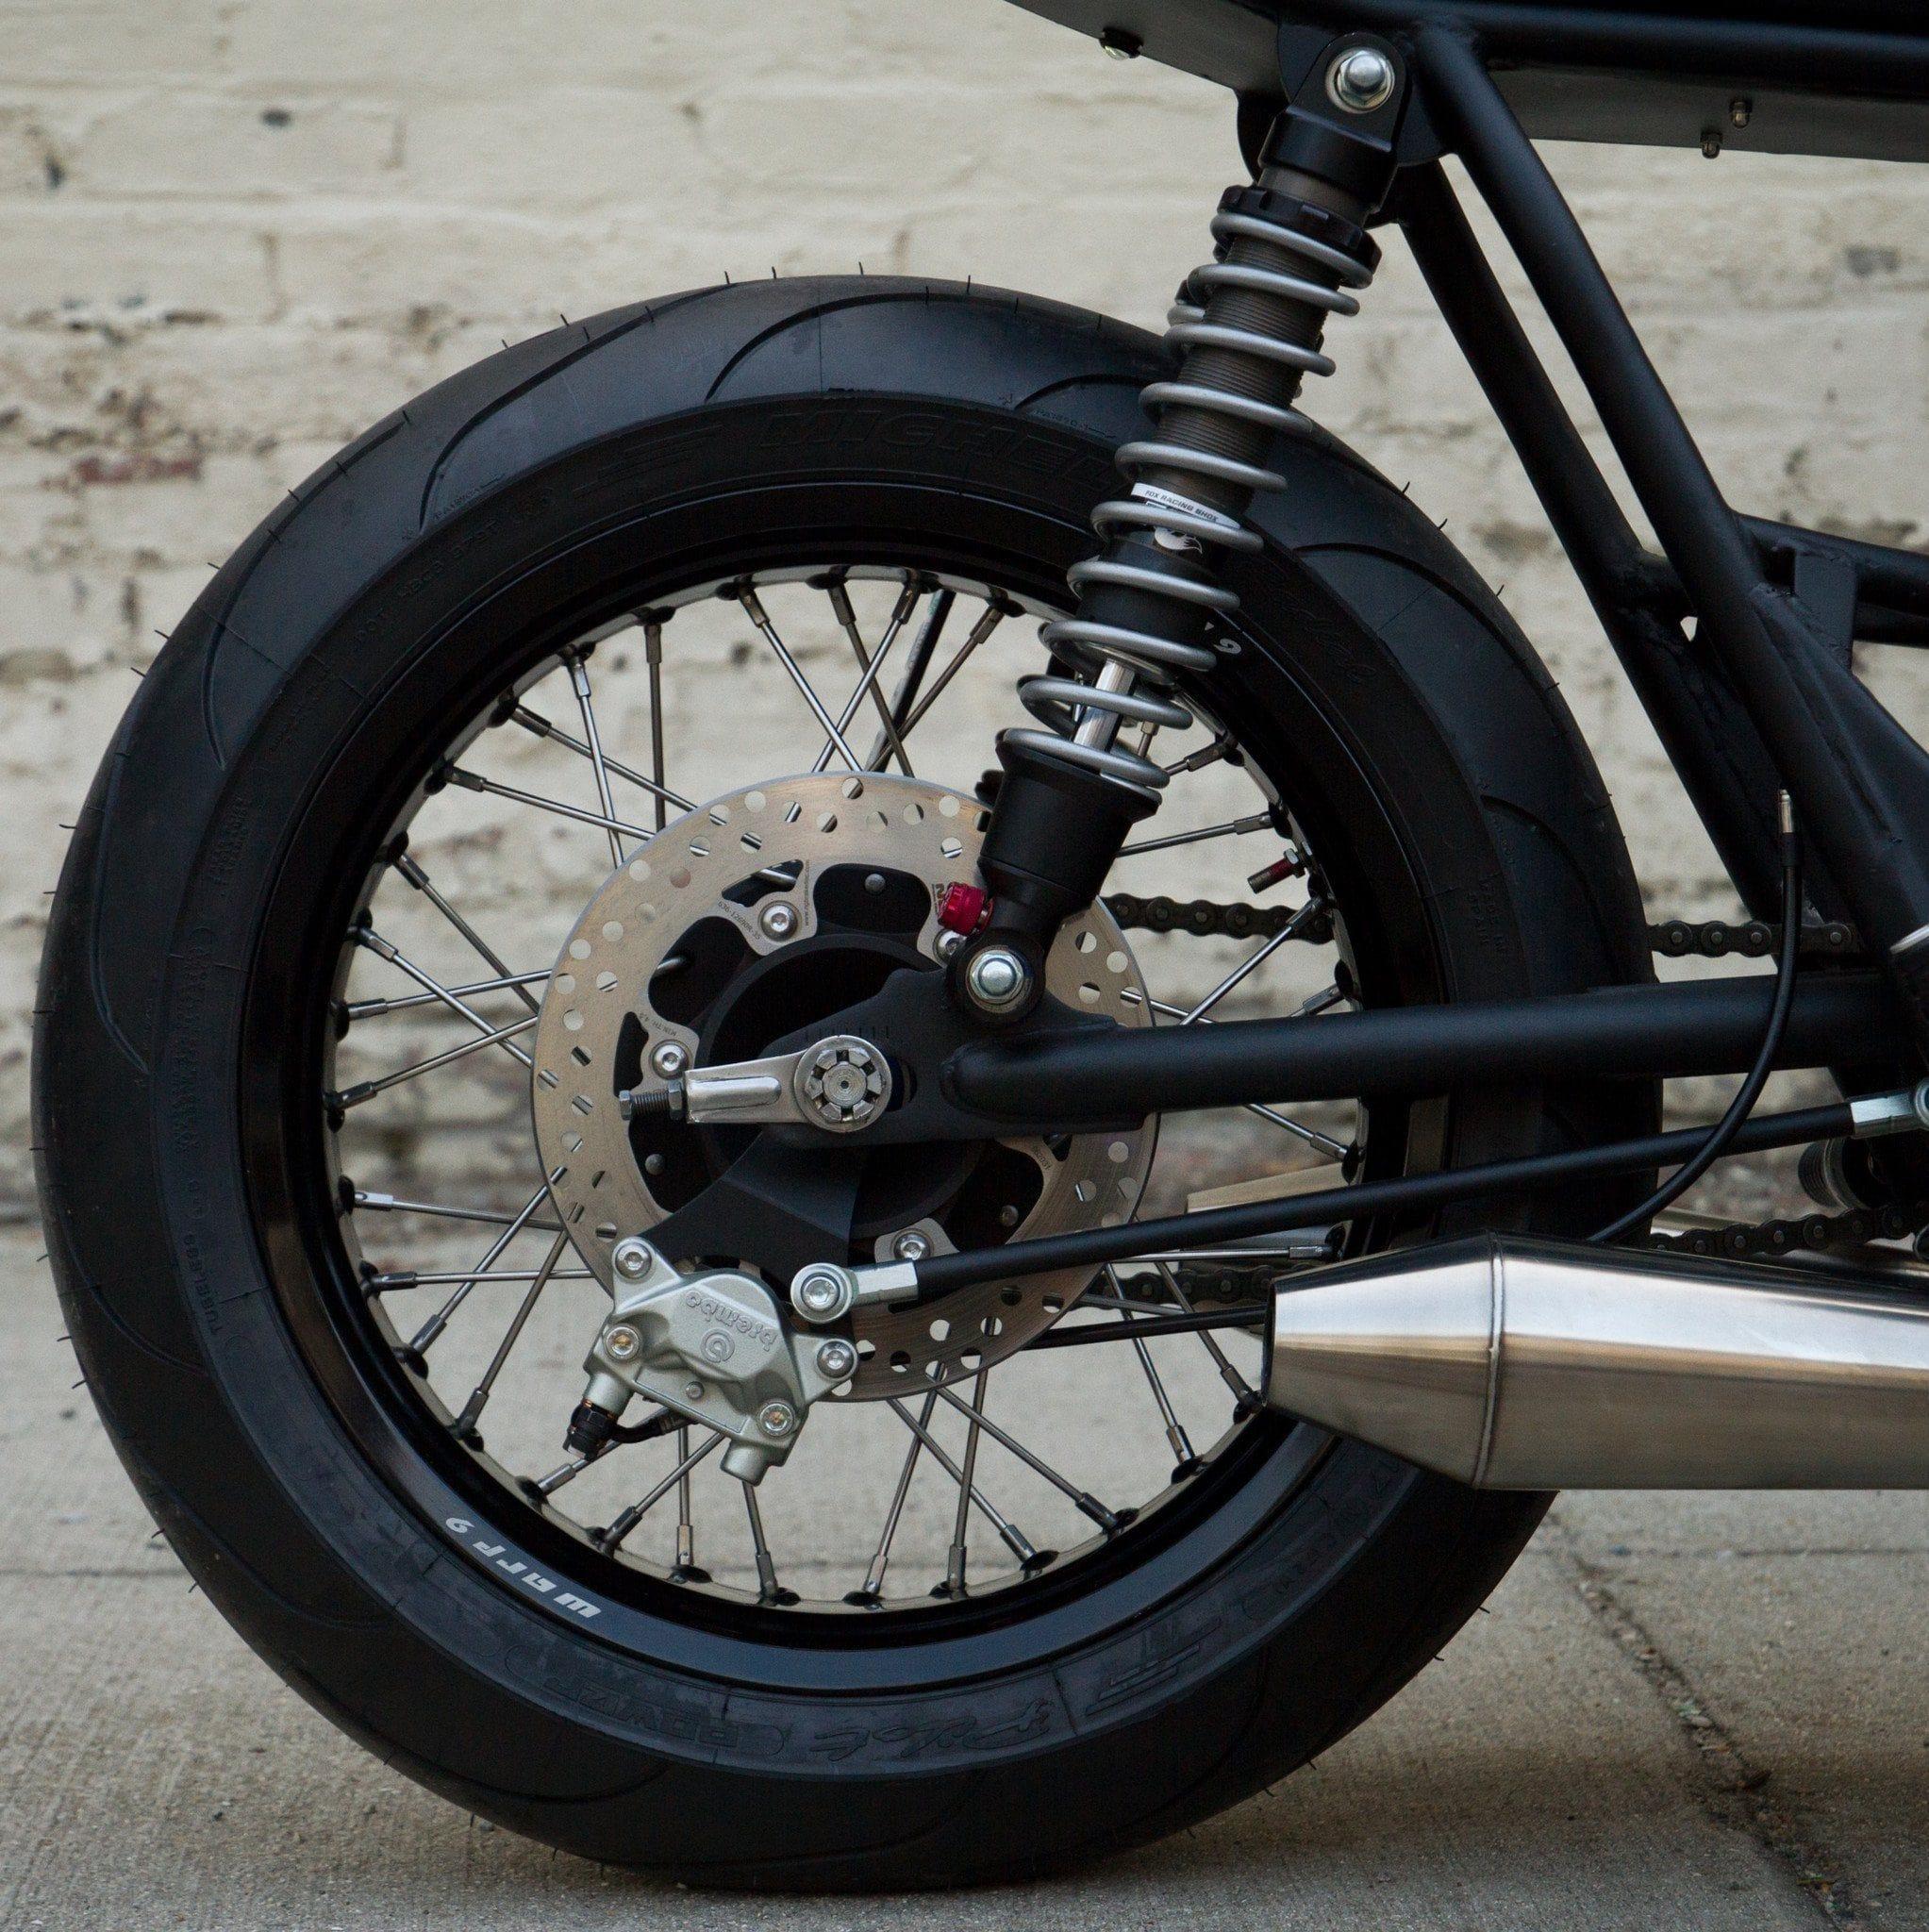 xs650 rear hub disc brake conversion [ 2045 x 2048 Pixel ]